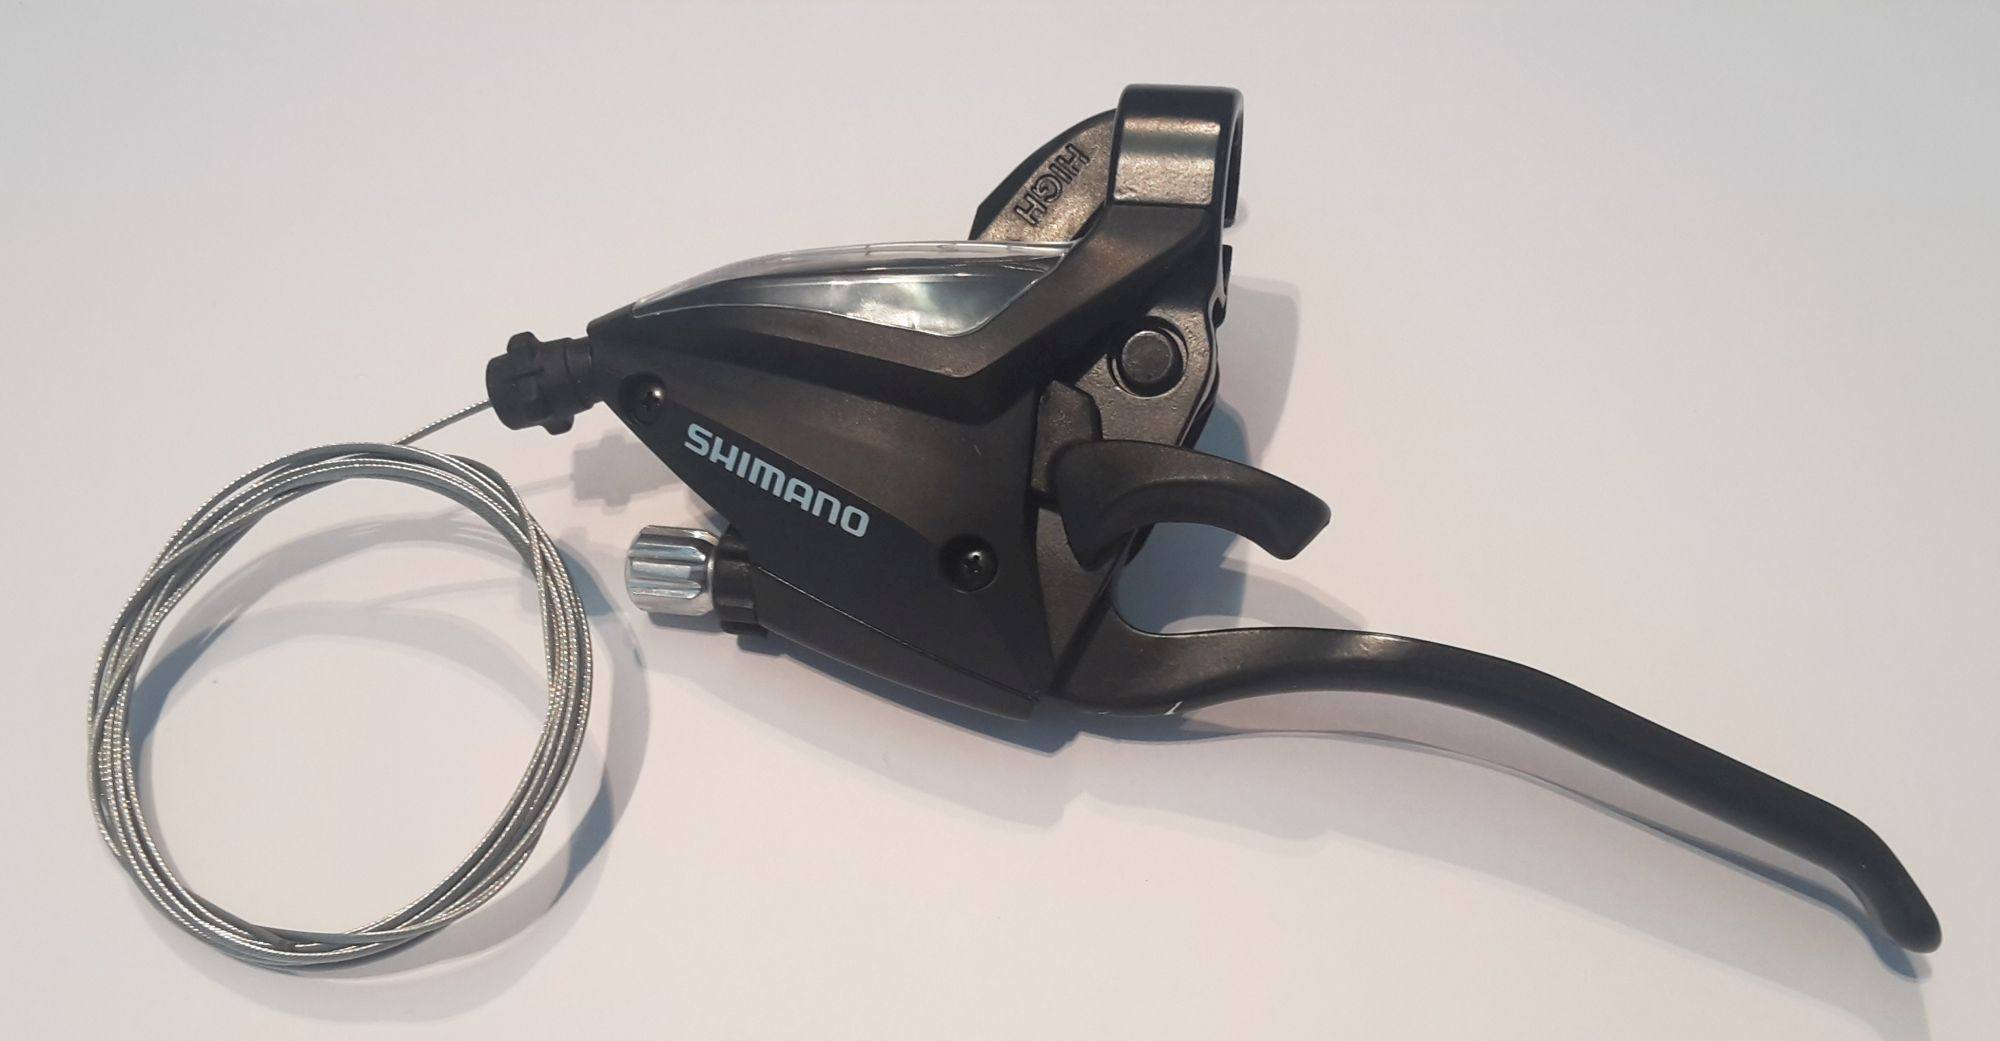 schalthebel (kettenschaltung)/Schaltung: Shimano  Bremsgriff ST-EF500 3-fach